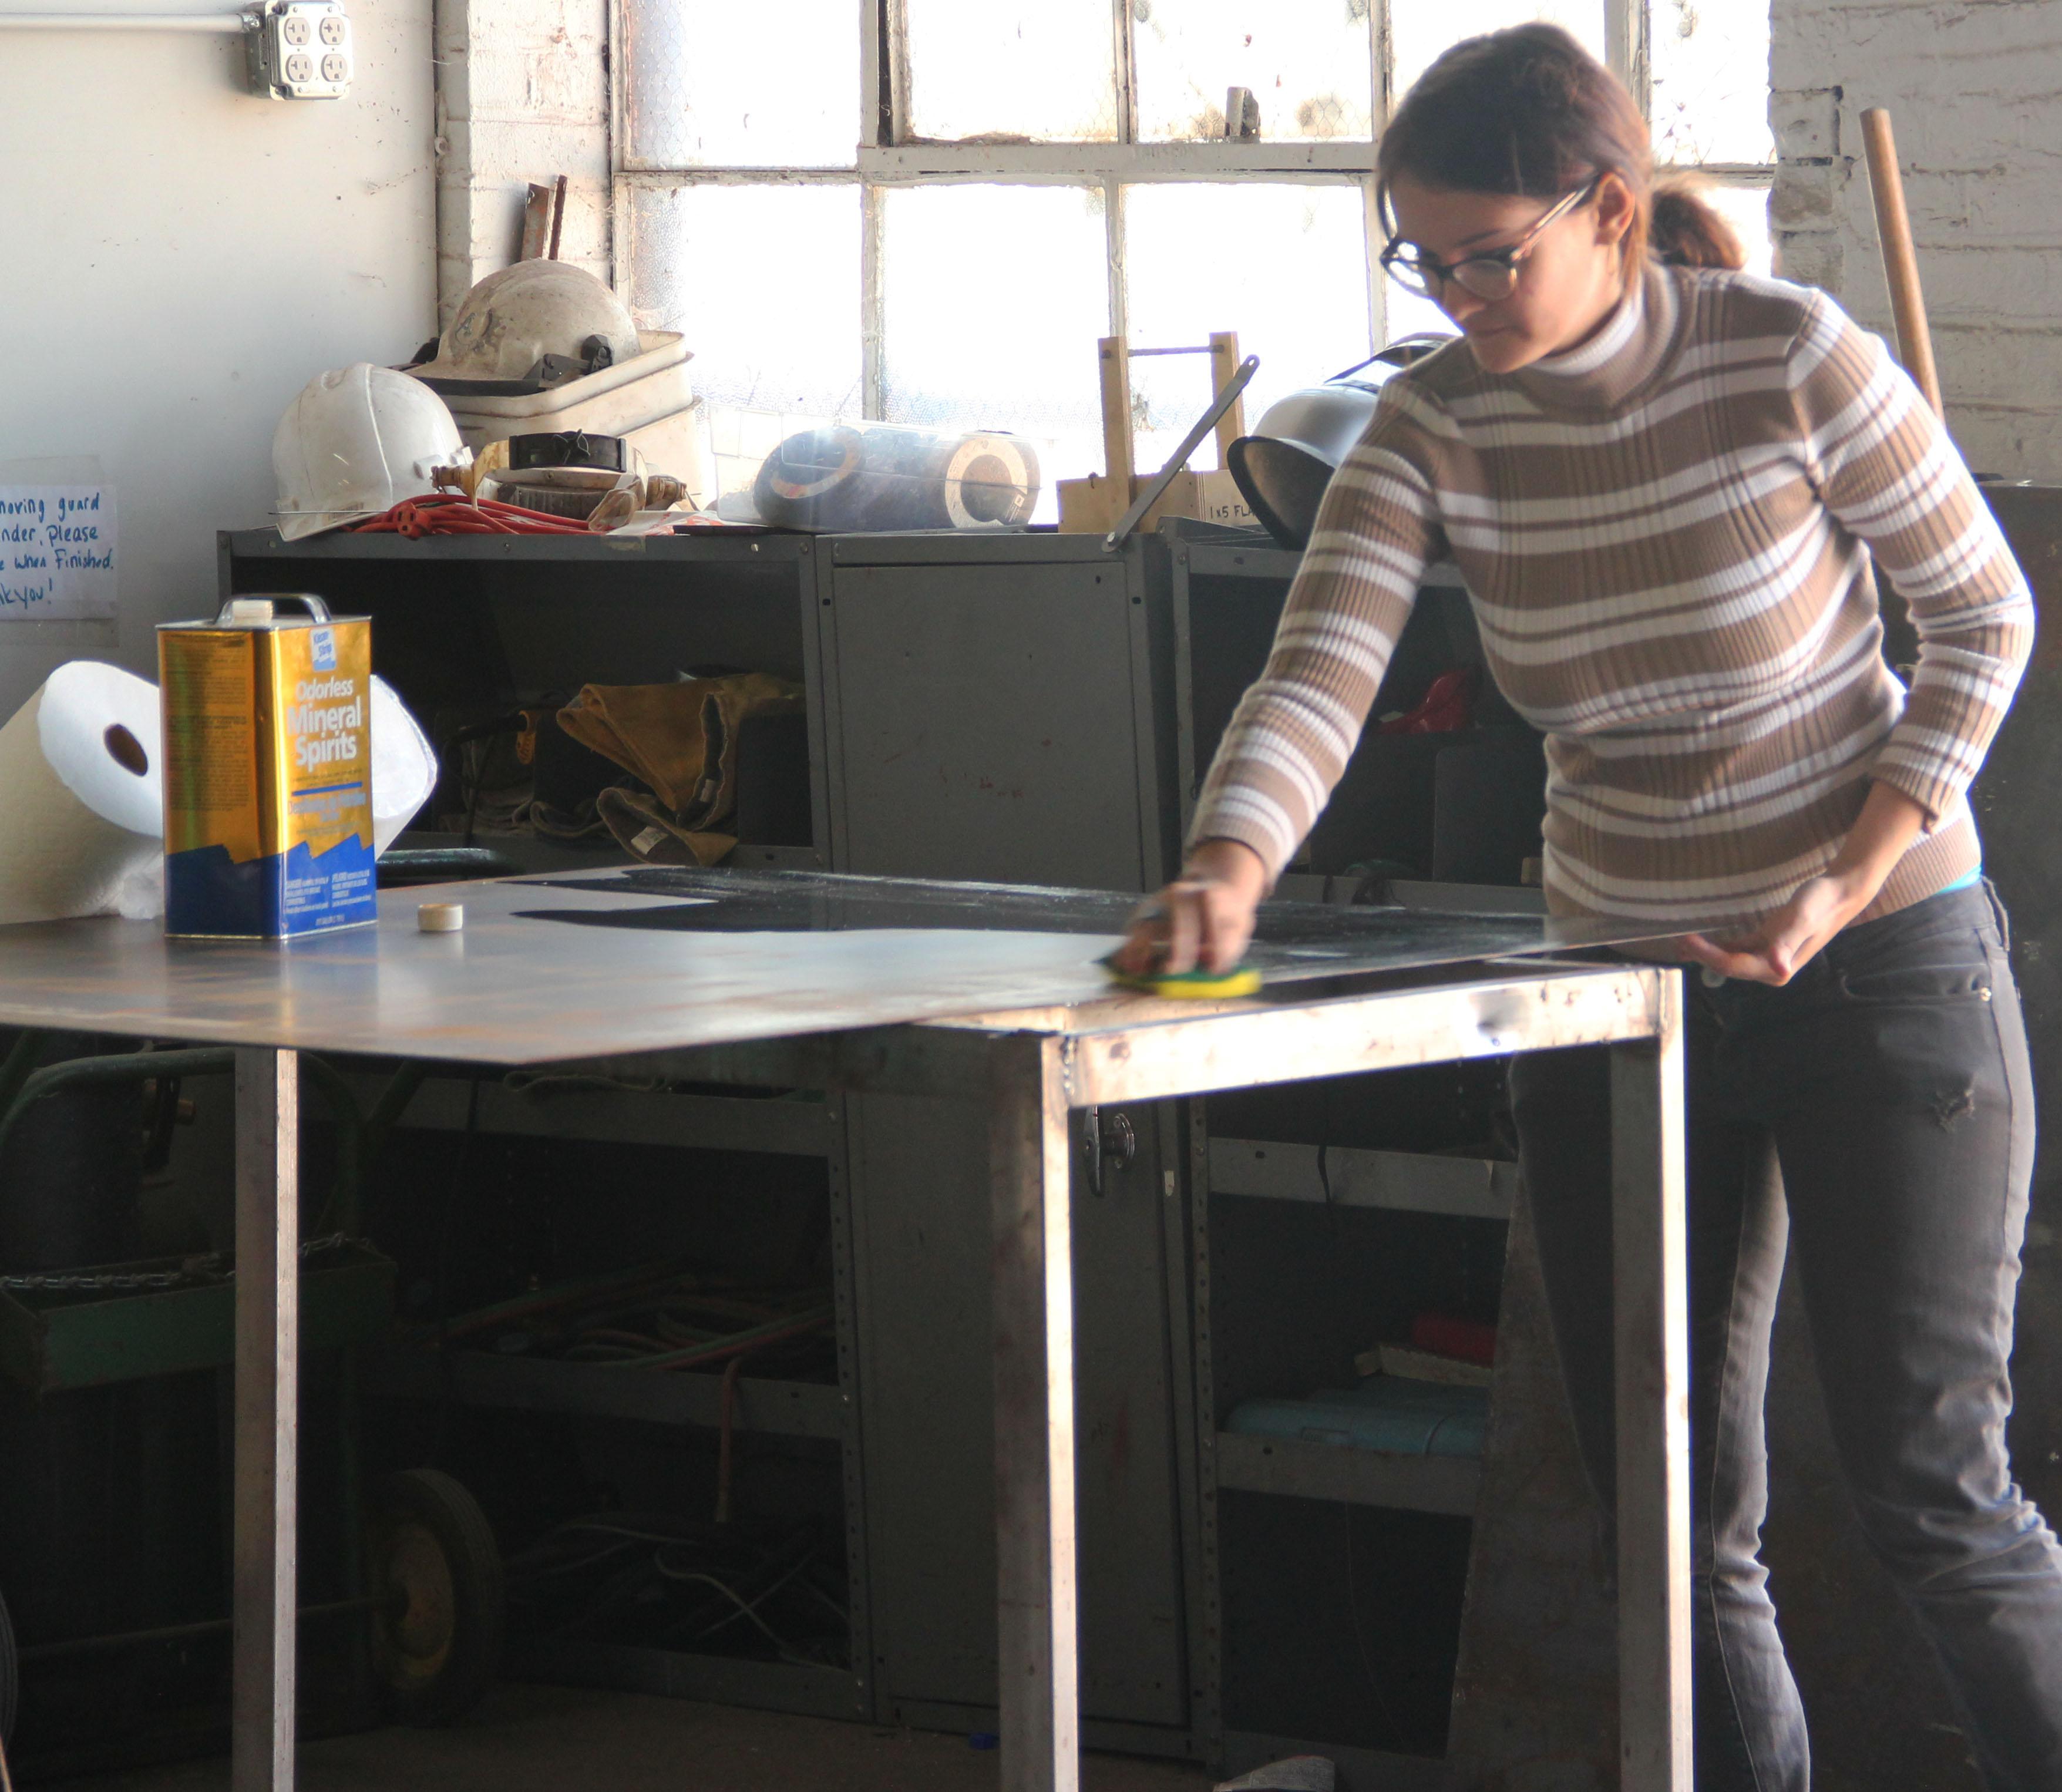 fa1301techphilly_Womanworking